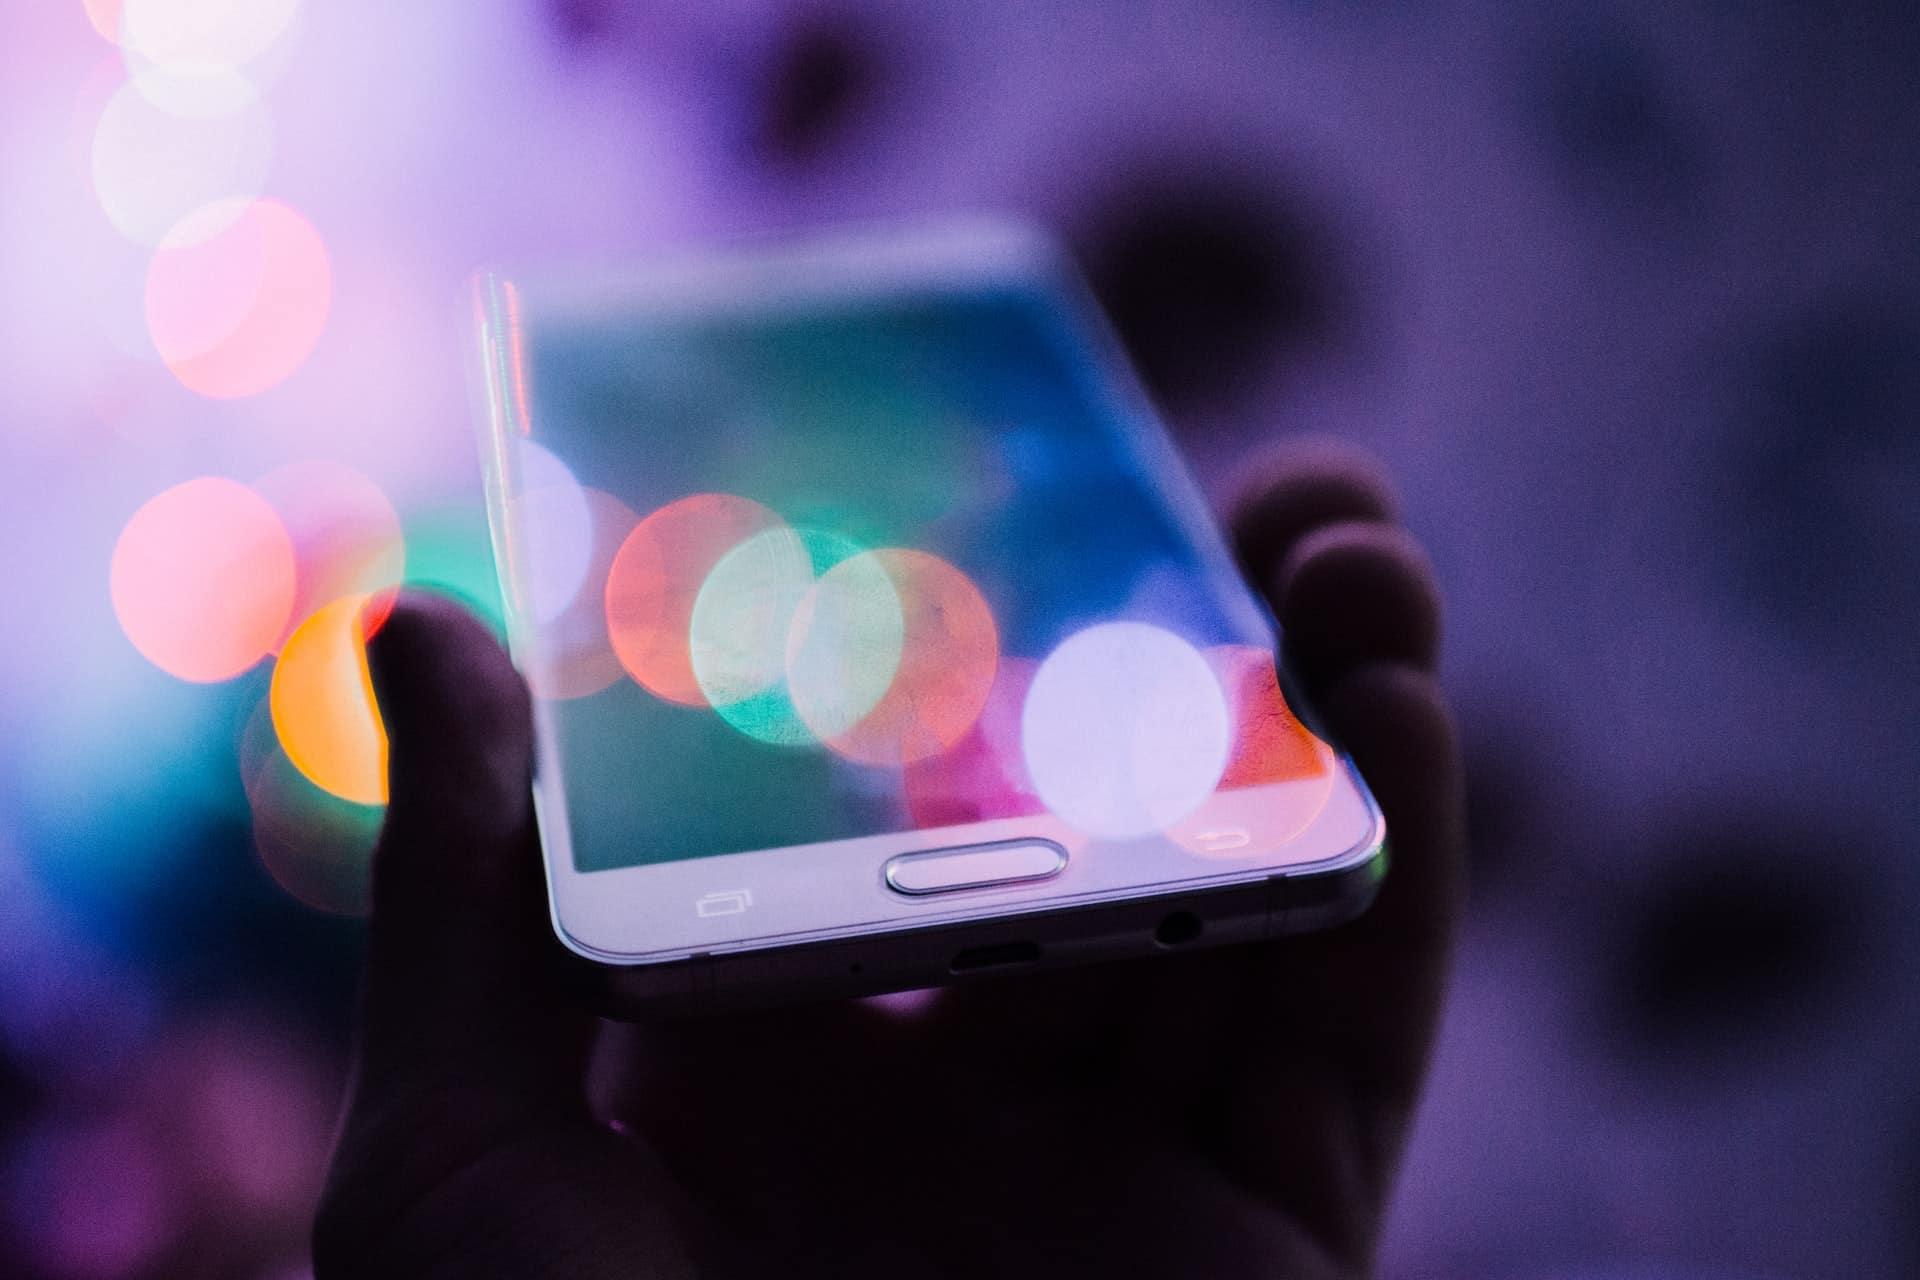 hiperconectividad digital